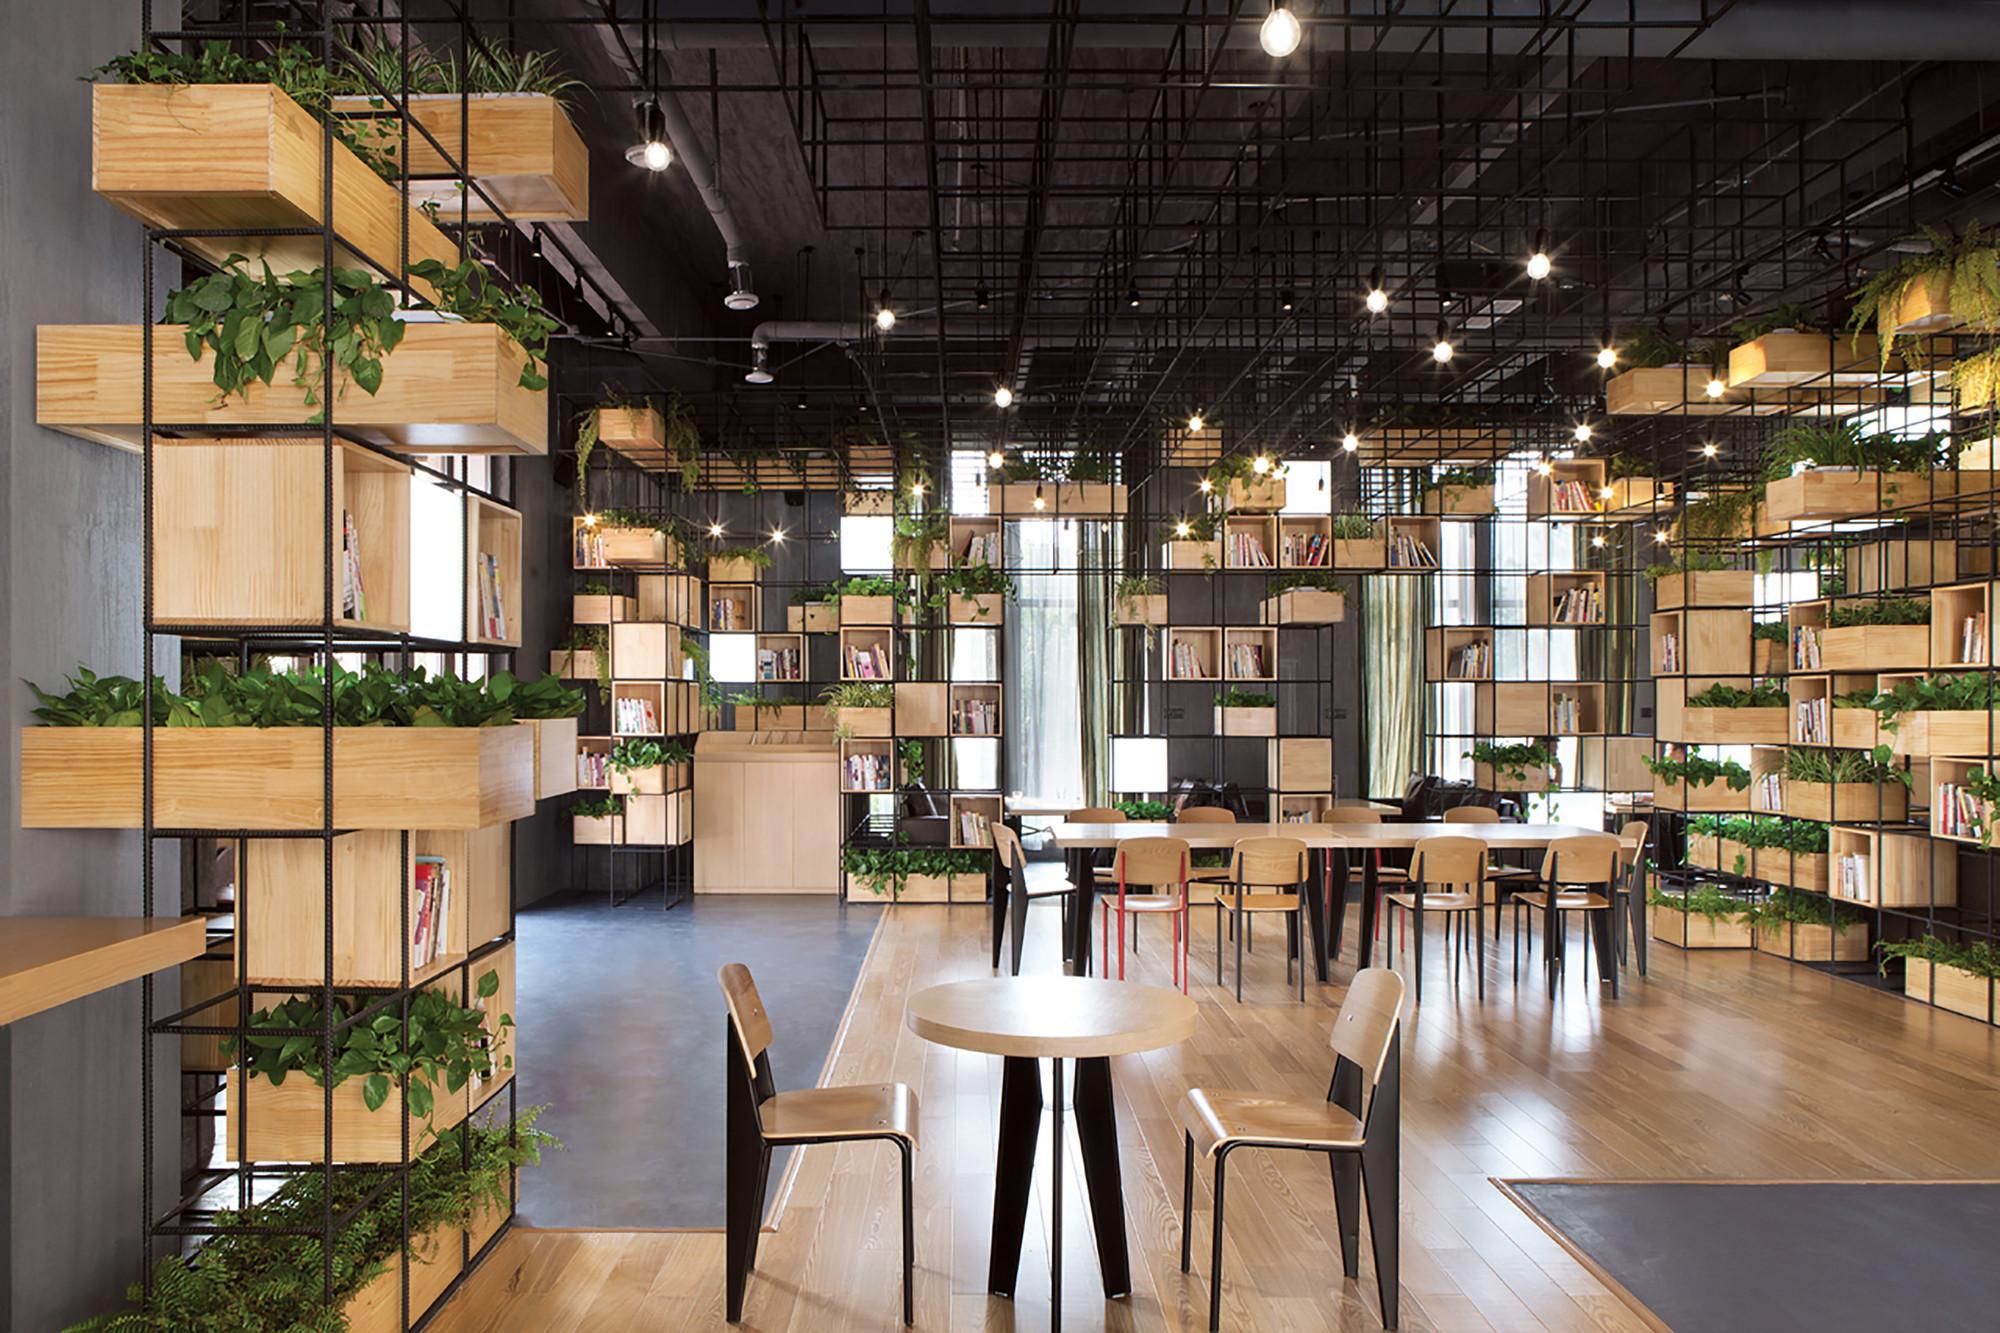 Có cần tuân thủ quy trình thiết kế nội thất văn phòng?